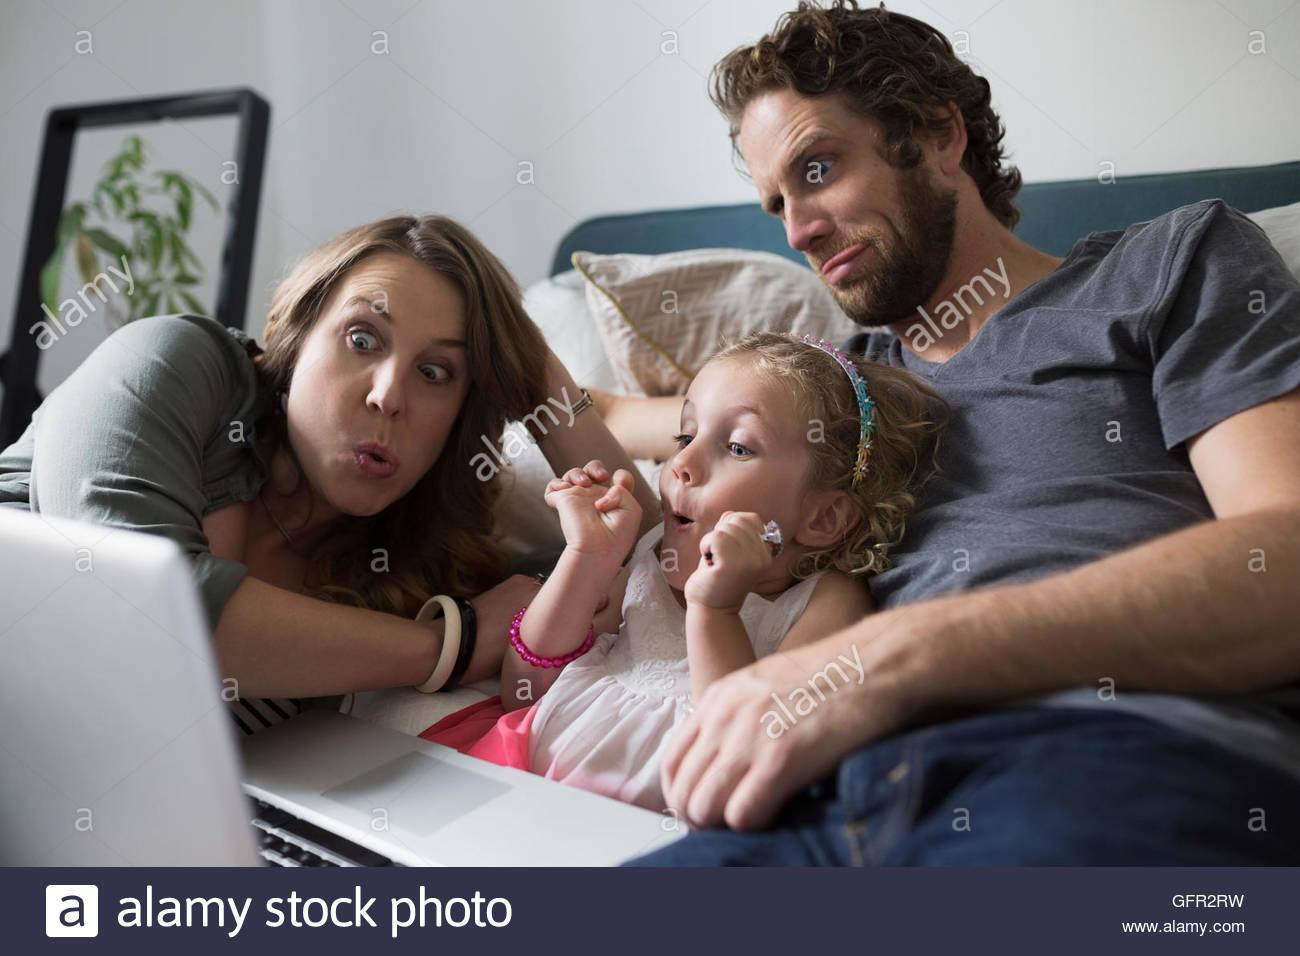 Familia Joven haciendo caras videochats con laptop en la cama Imagen De Stock